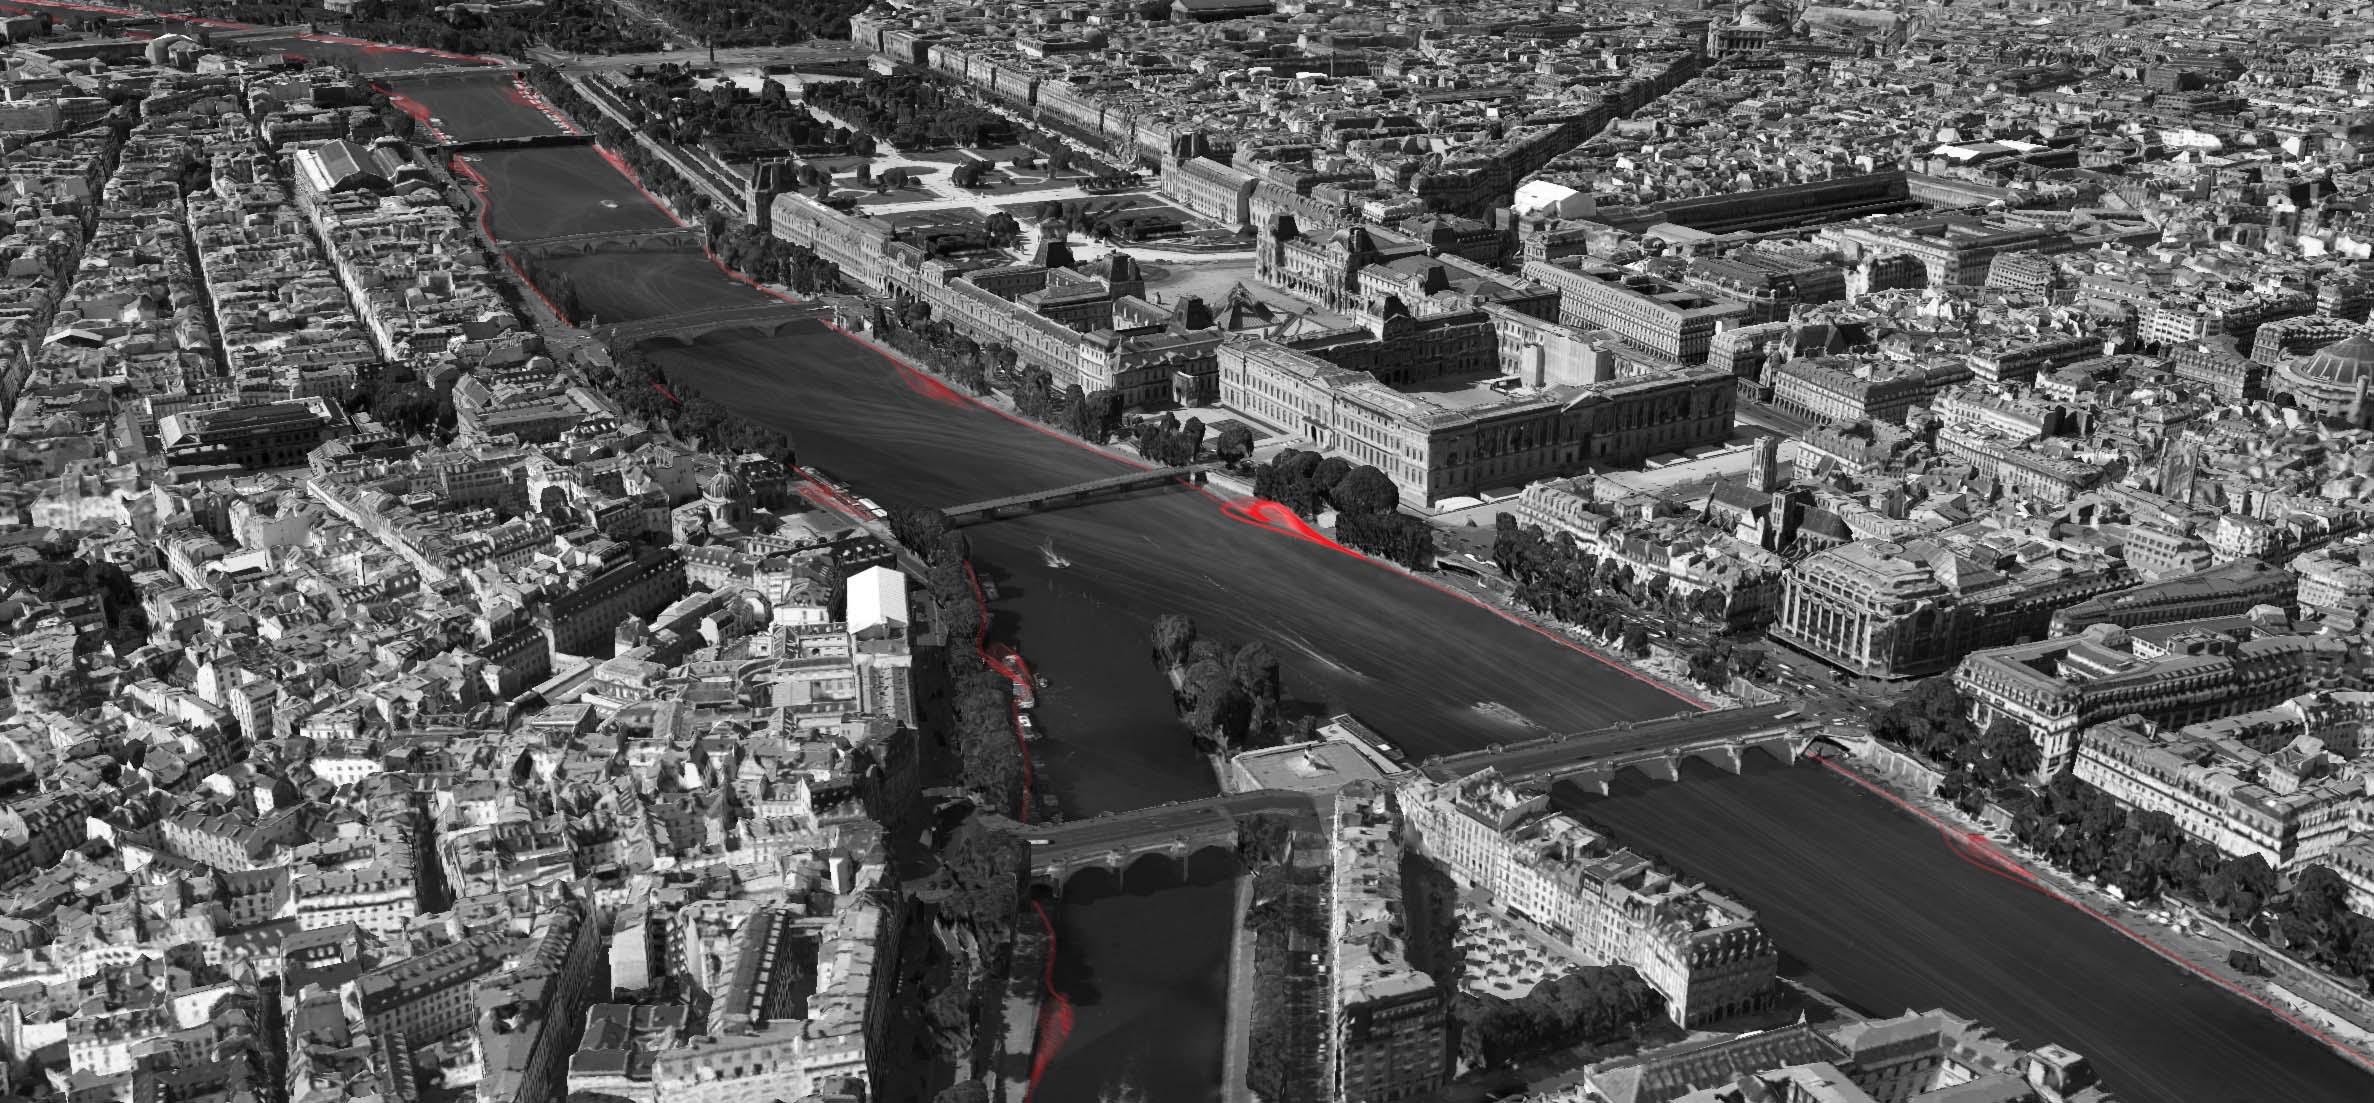 Sound spaces Paris - 2016 - Digital drawing - A1